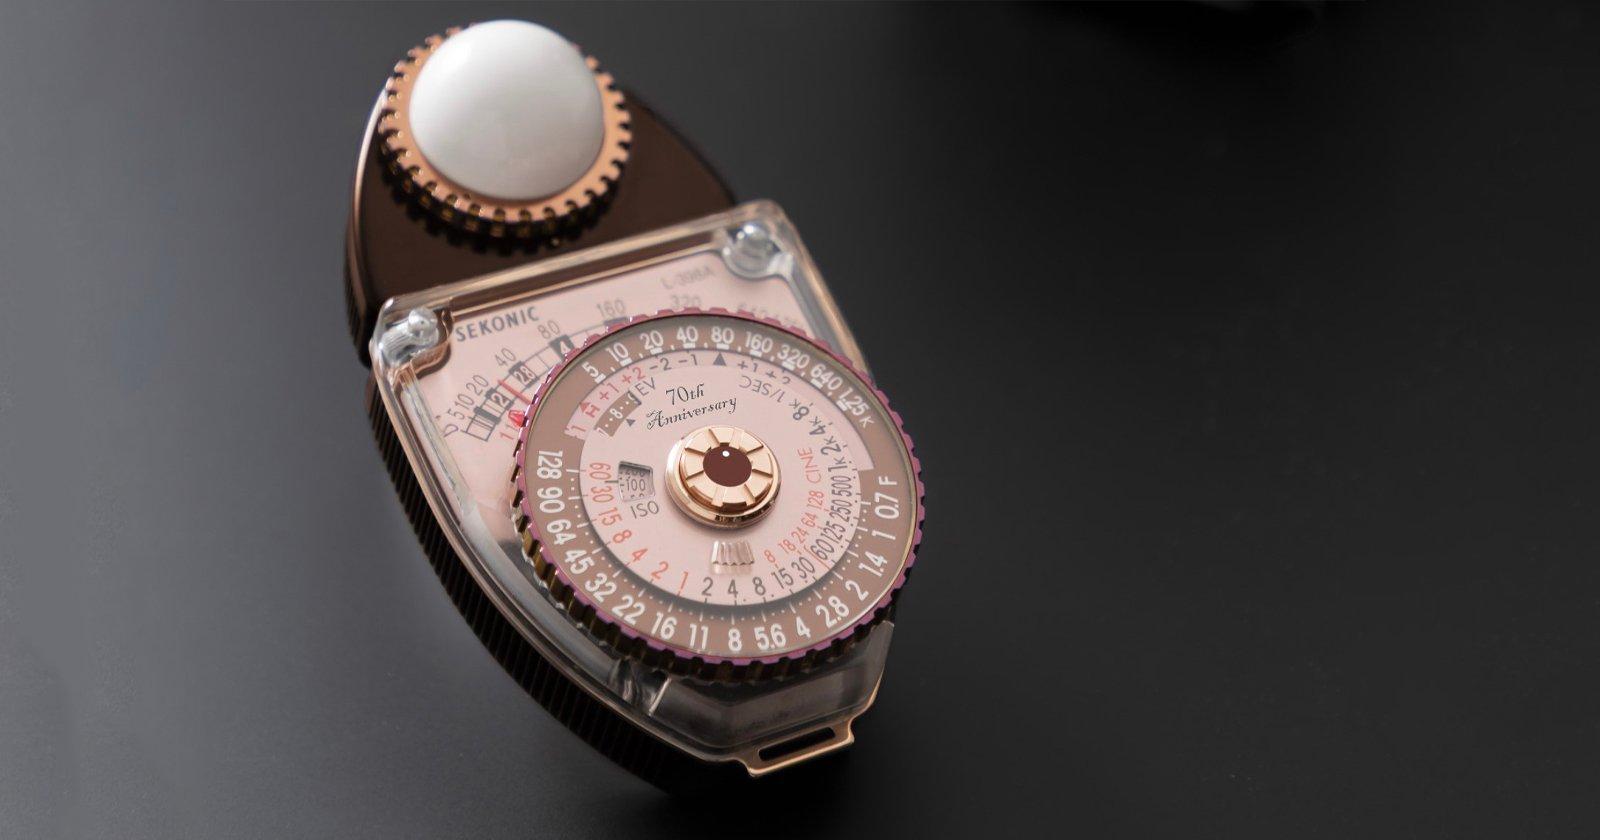 Sekonic rilascerà un misuratore di luce in edizione limitata basato su un design del 1956